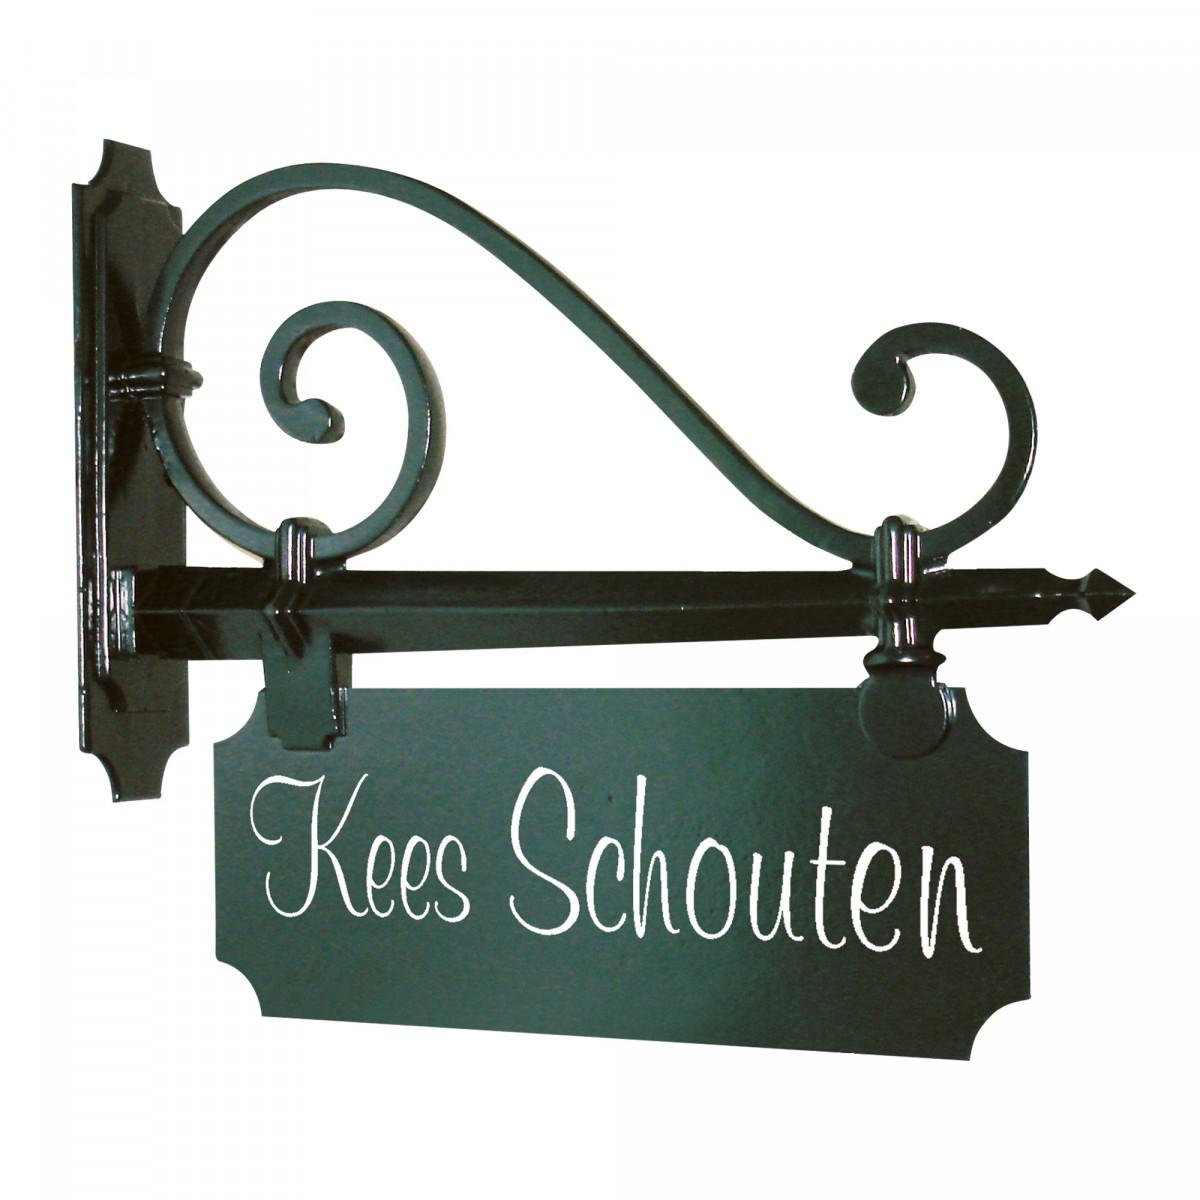 Klassiek naambord van KS Verlichting een mooi uithangbord voor een landelijk of modern klassiek exterieur